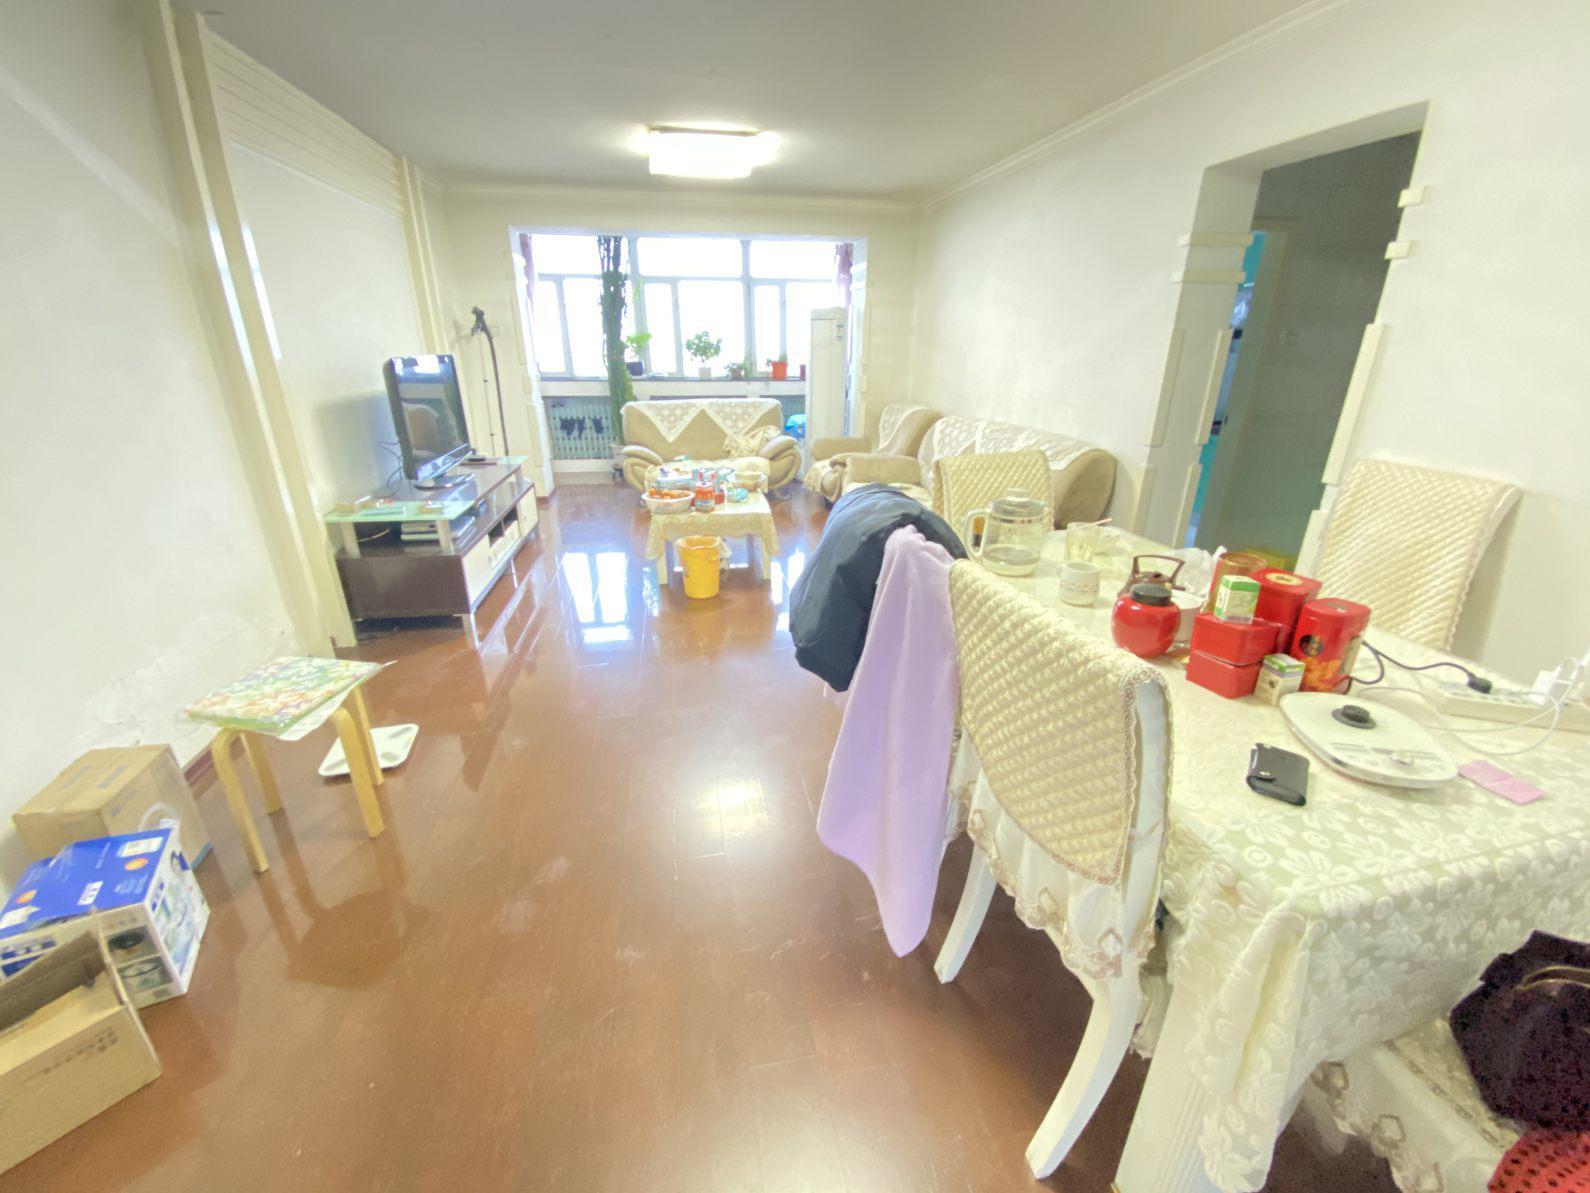 天山区幸福路普通3室2厅1卫二手房出售